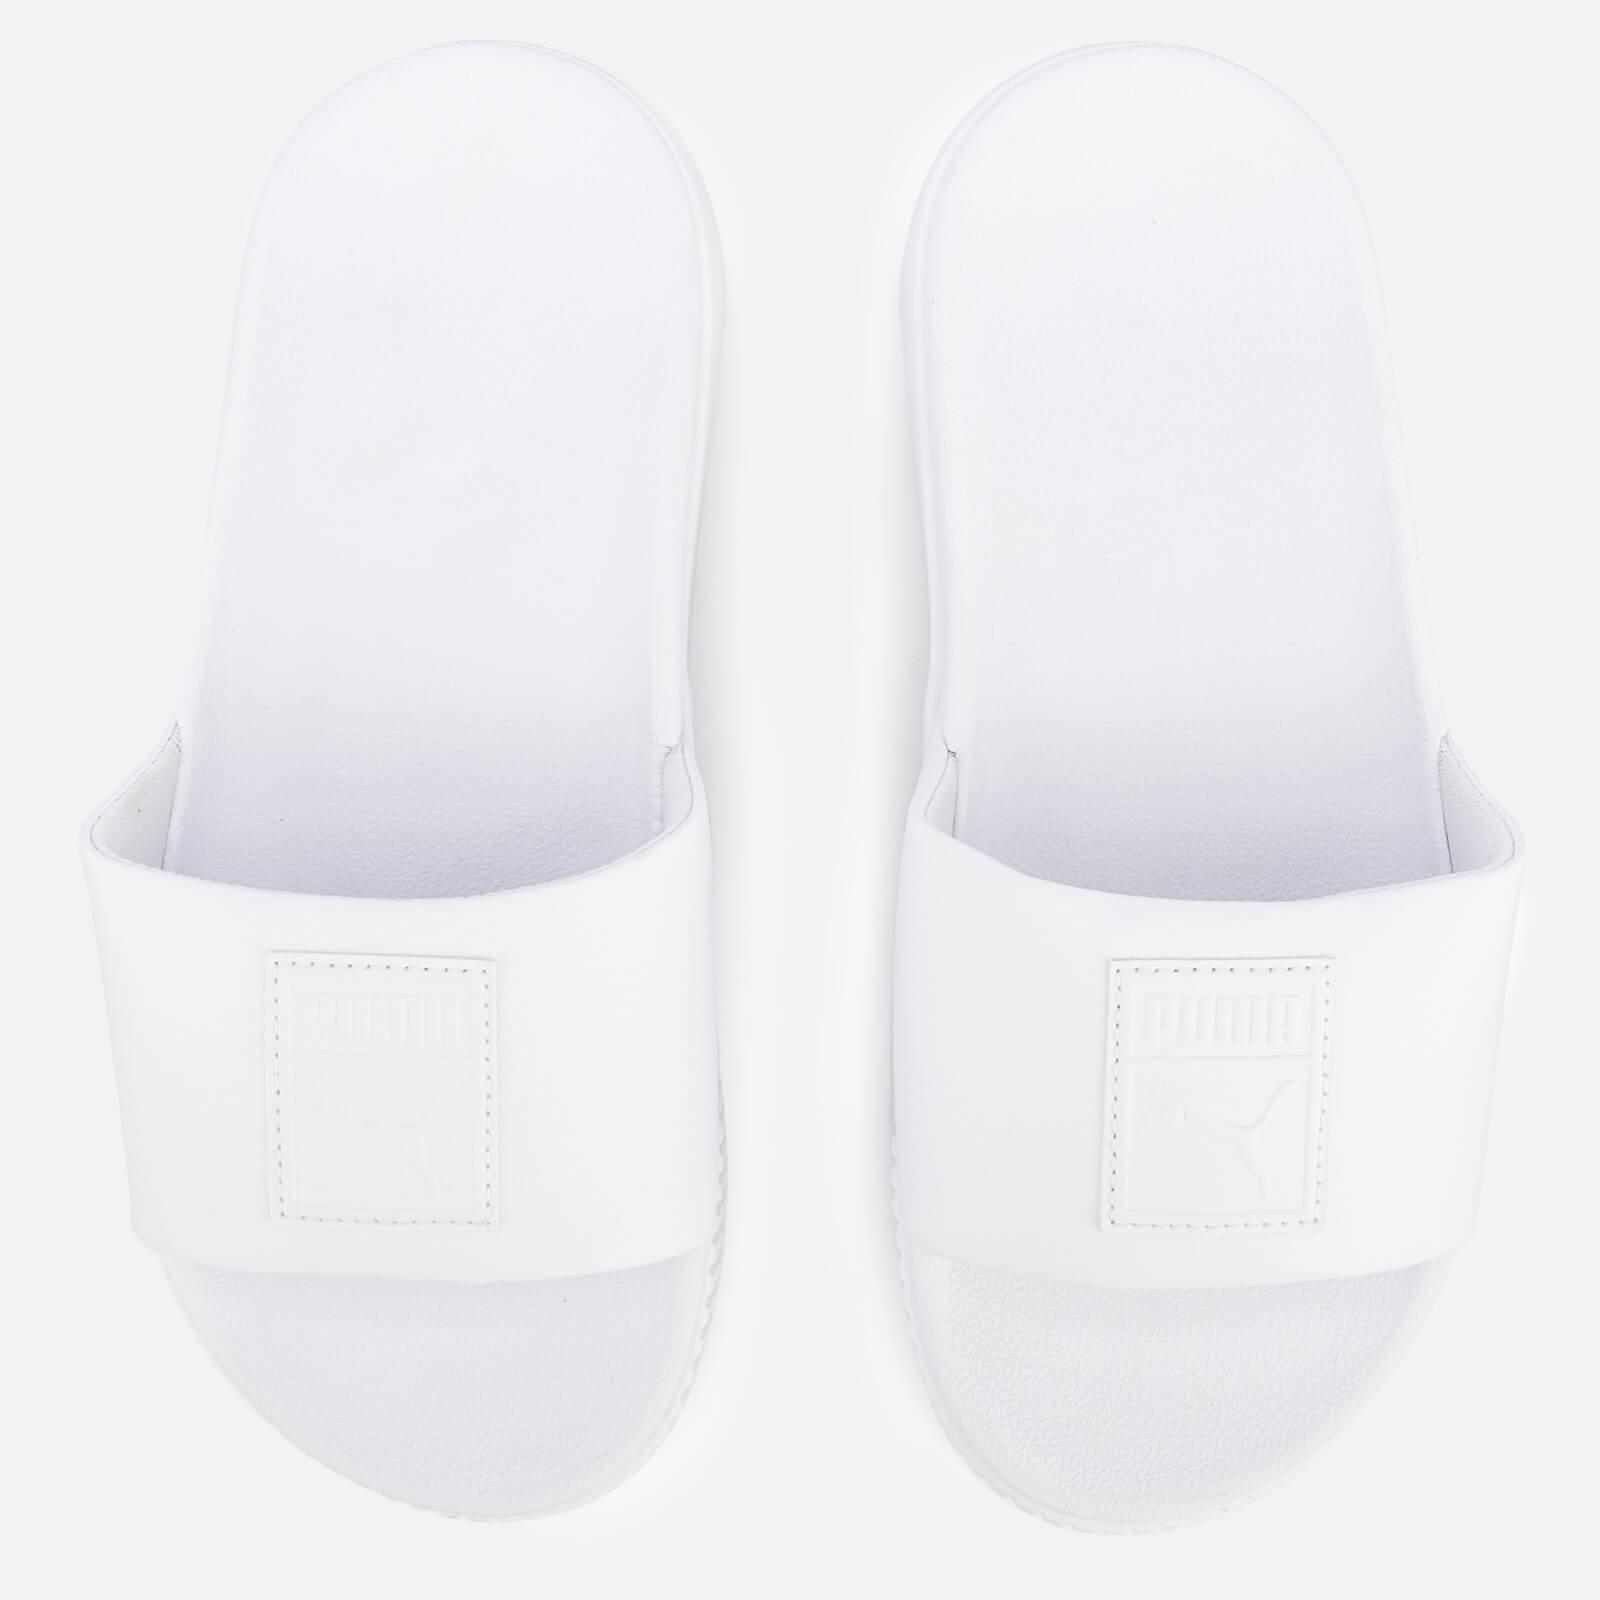 Puma Women's Platform Slide Sandals - Puma White/Puma White - UK 5 - White